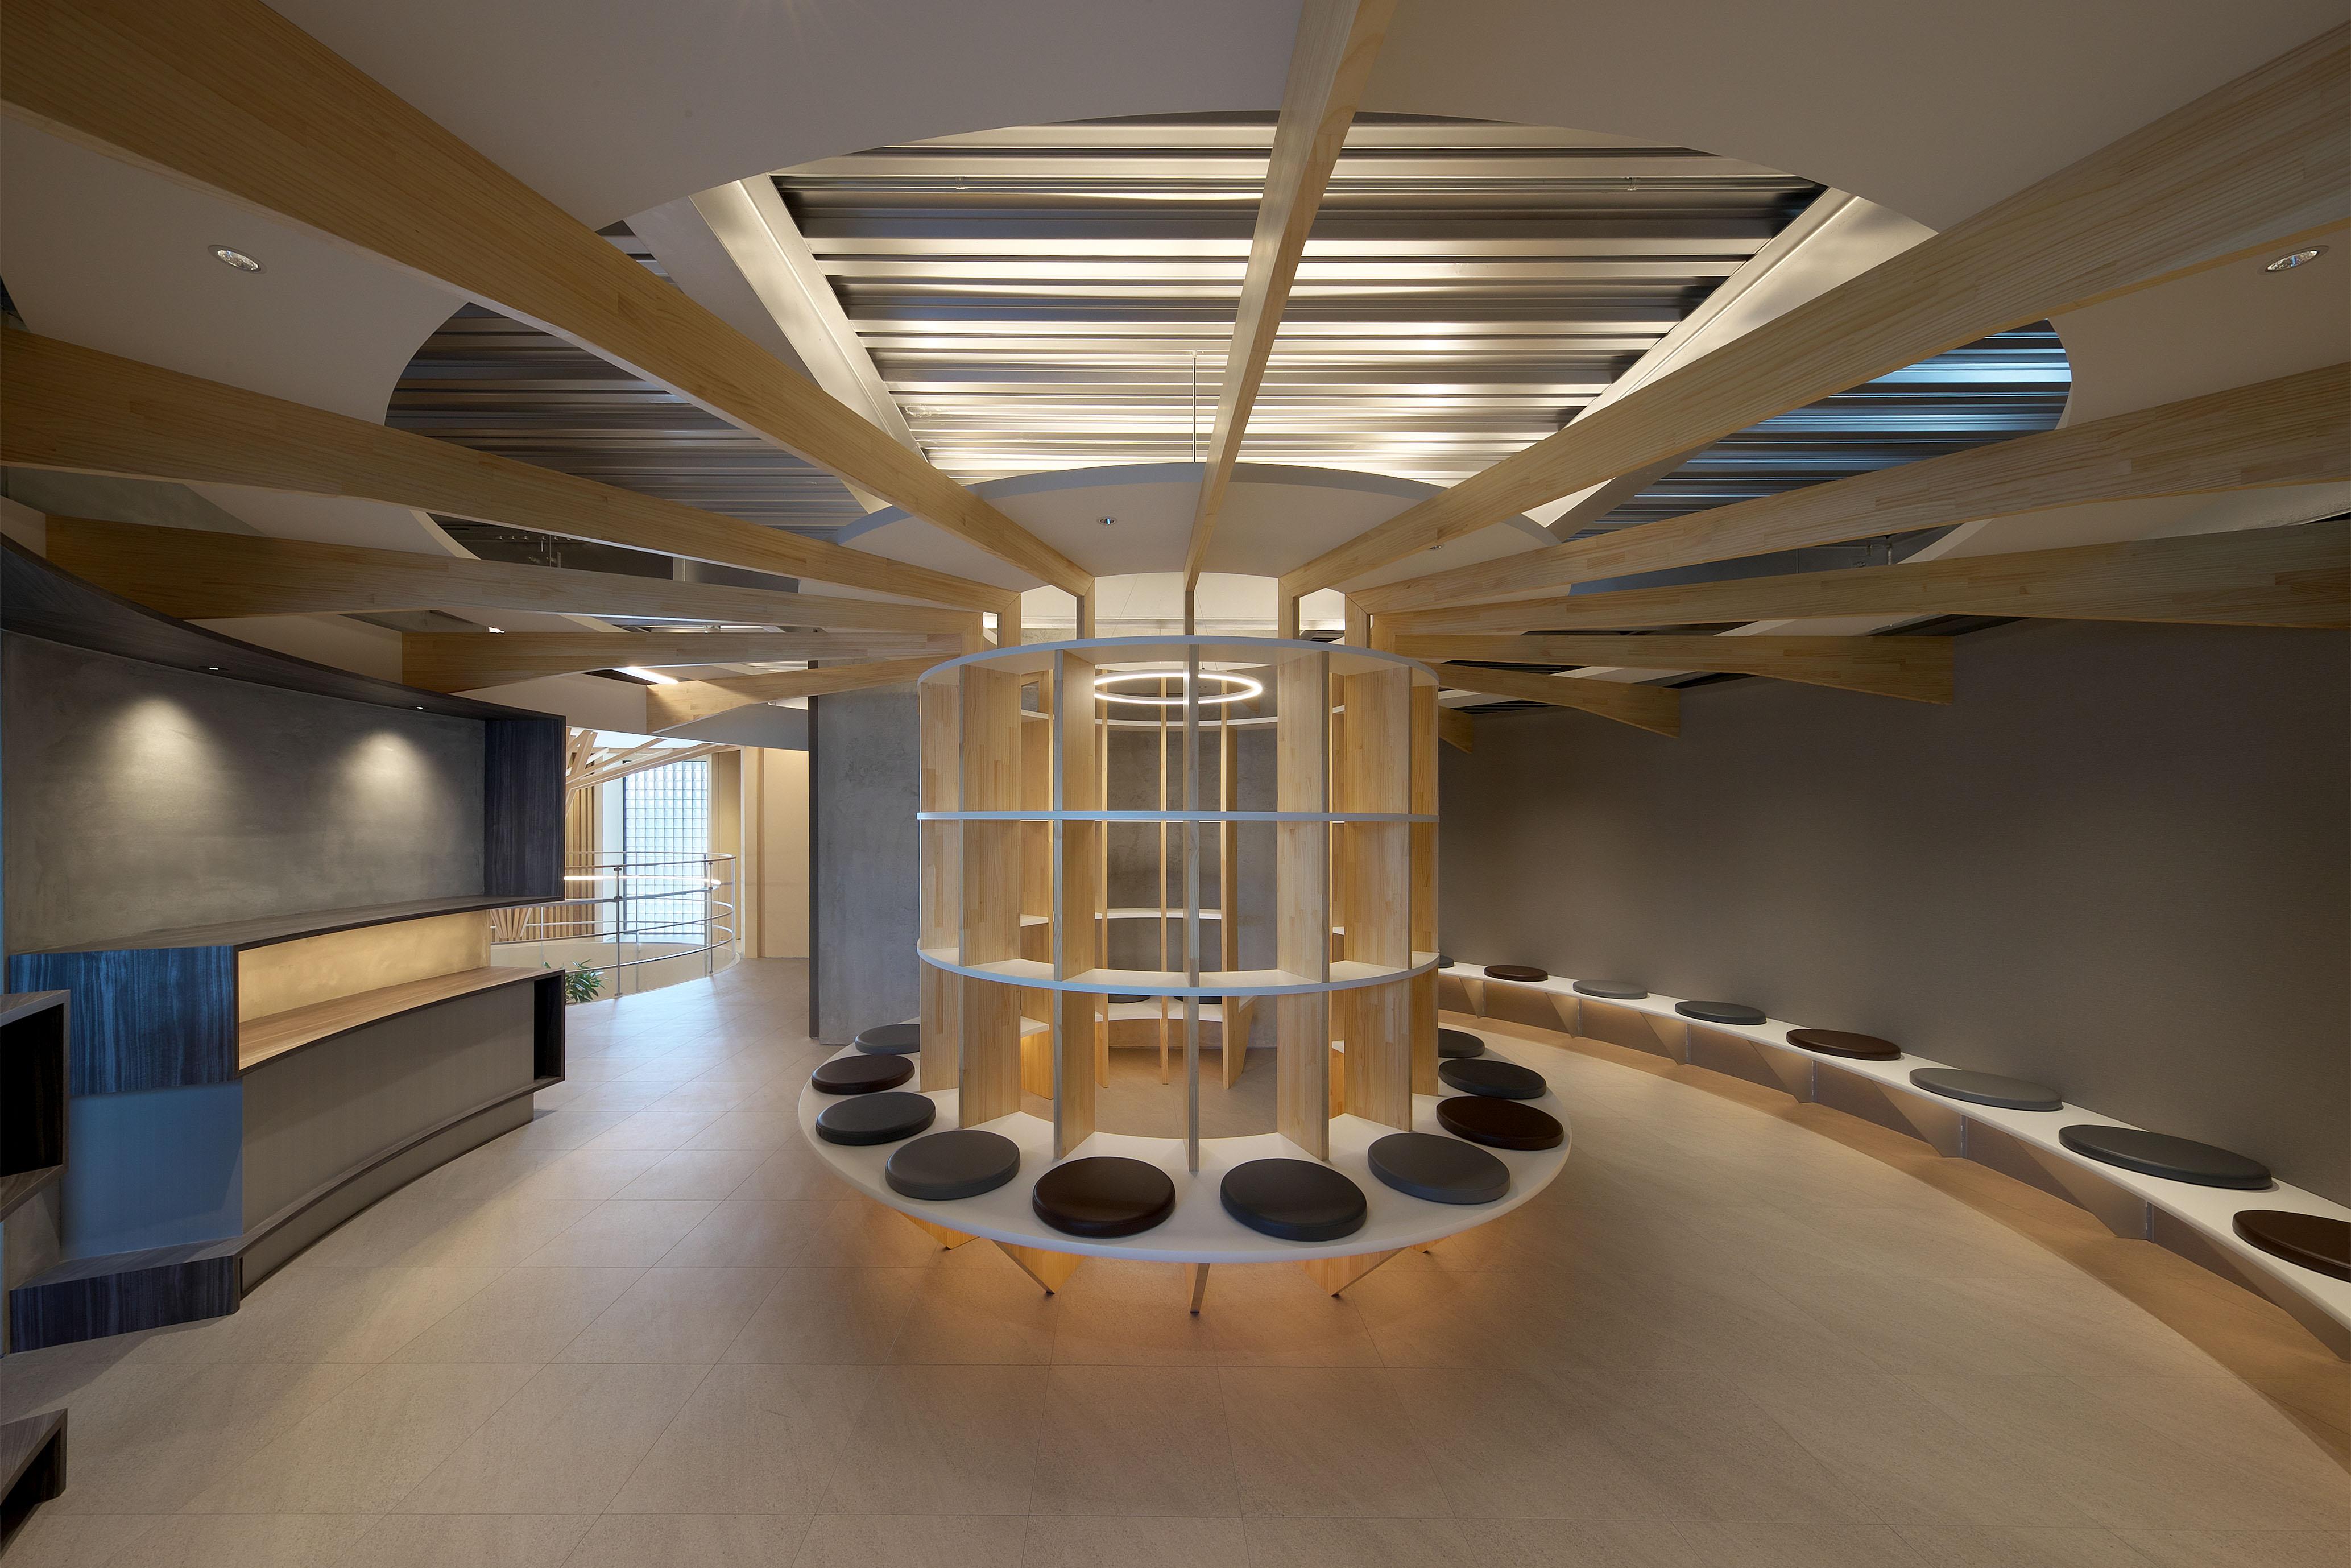 平岡建築デザインが設計した糖尿病内科と整形外科のクリニック家具内装